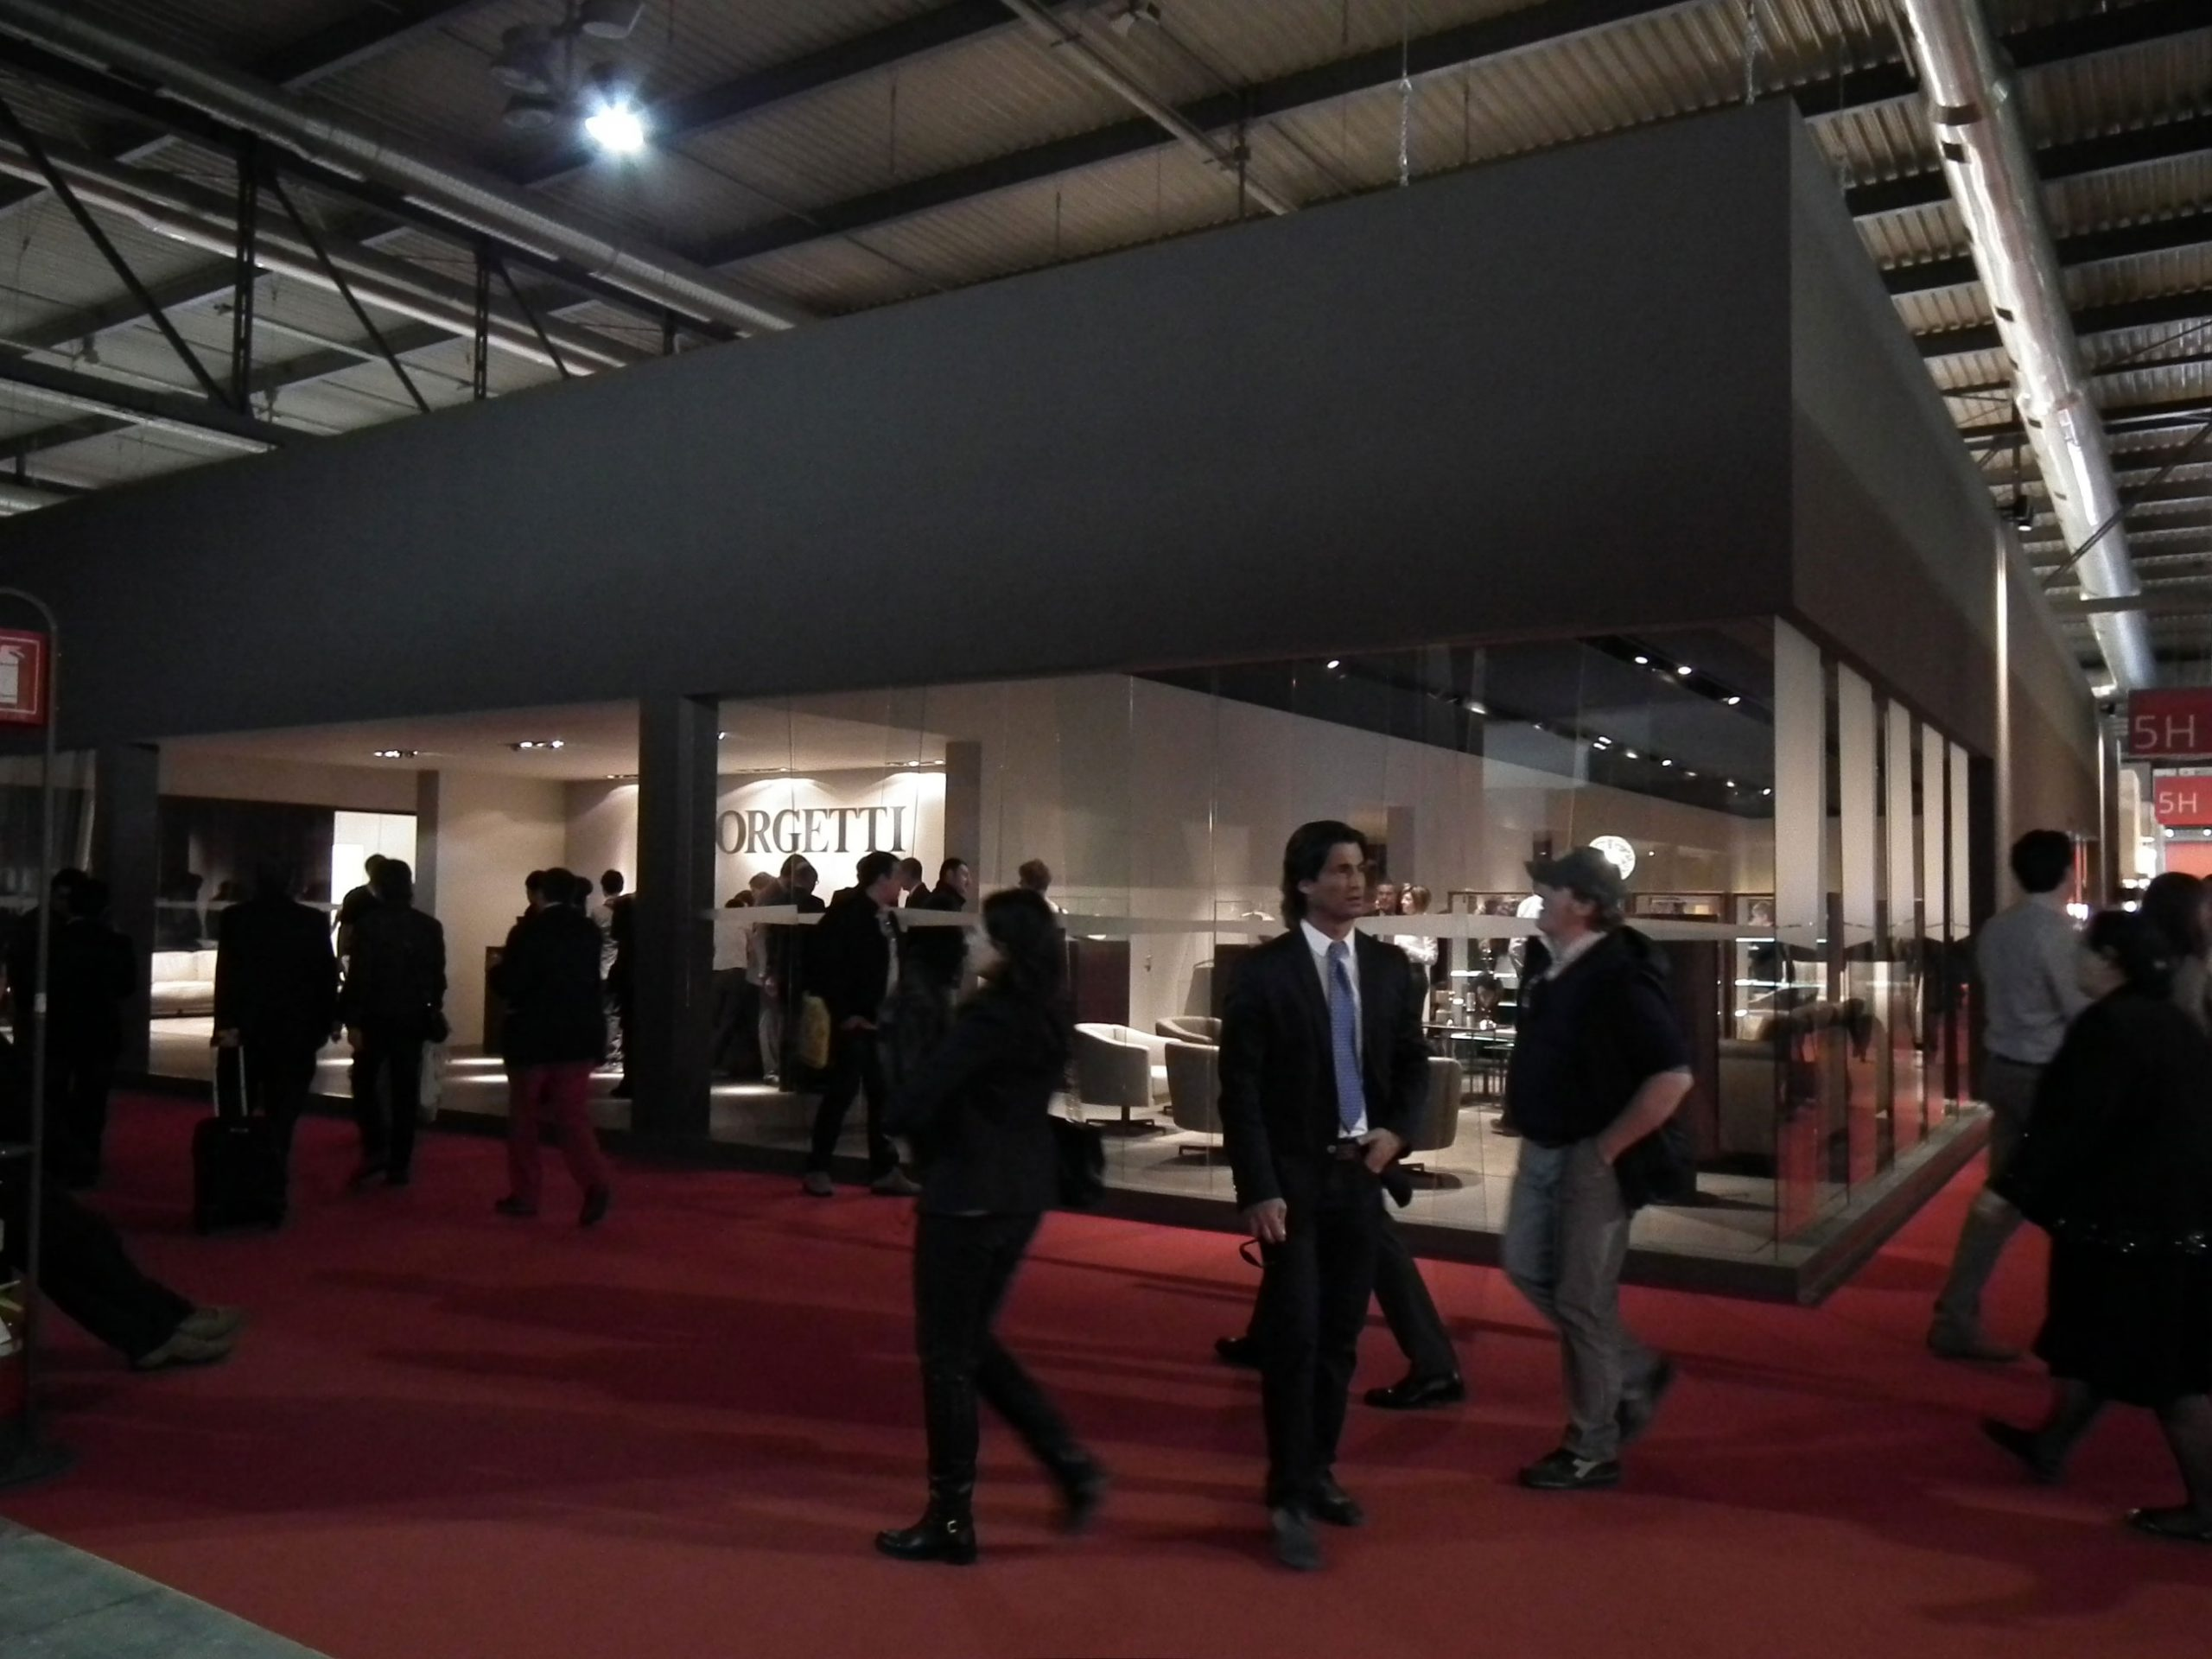 10-Giorgetti-Salone-Milano-2011-Marrone